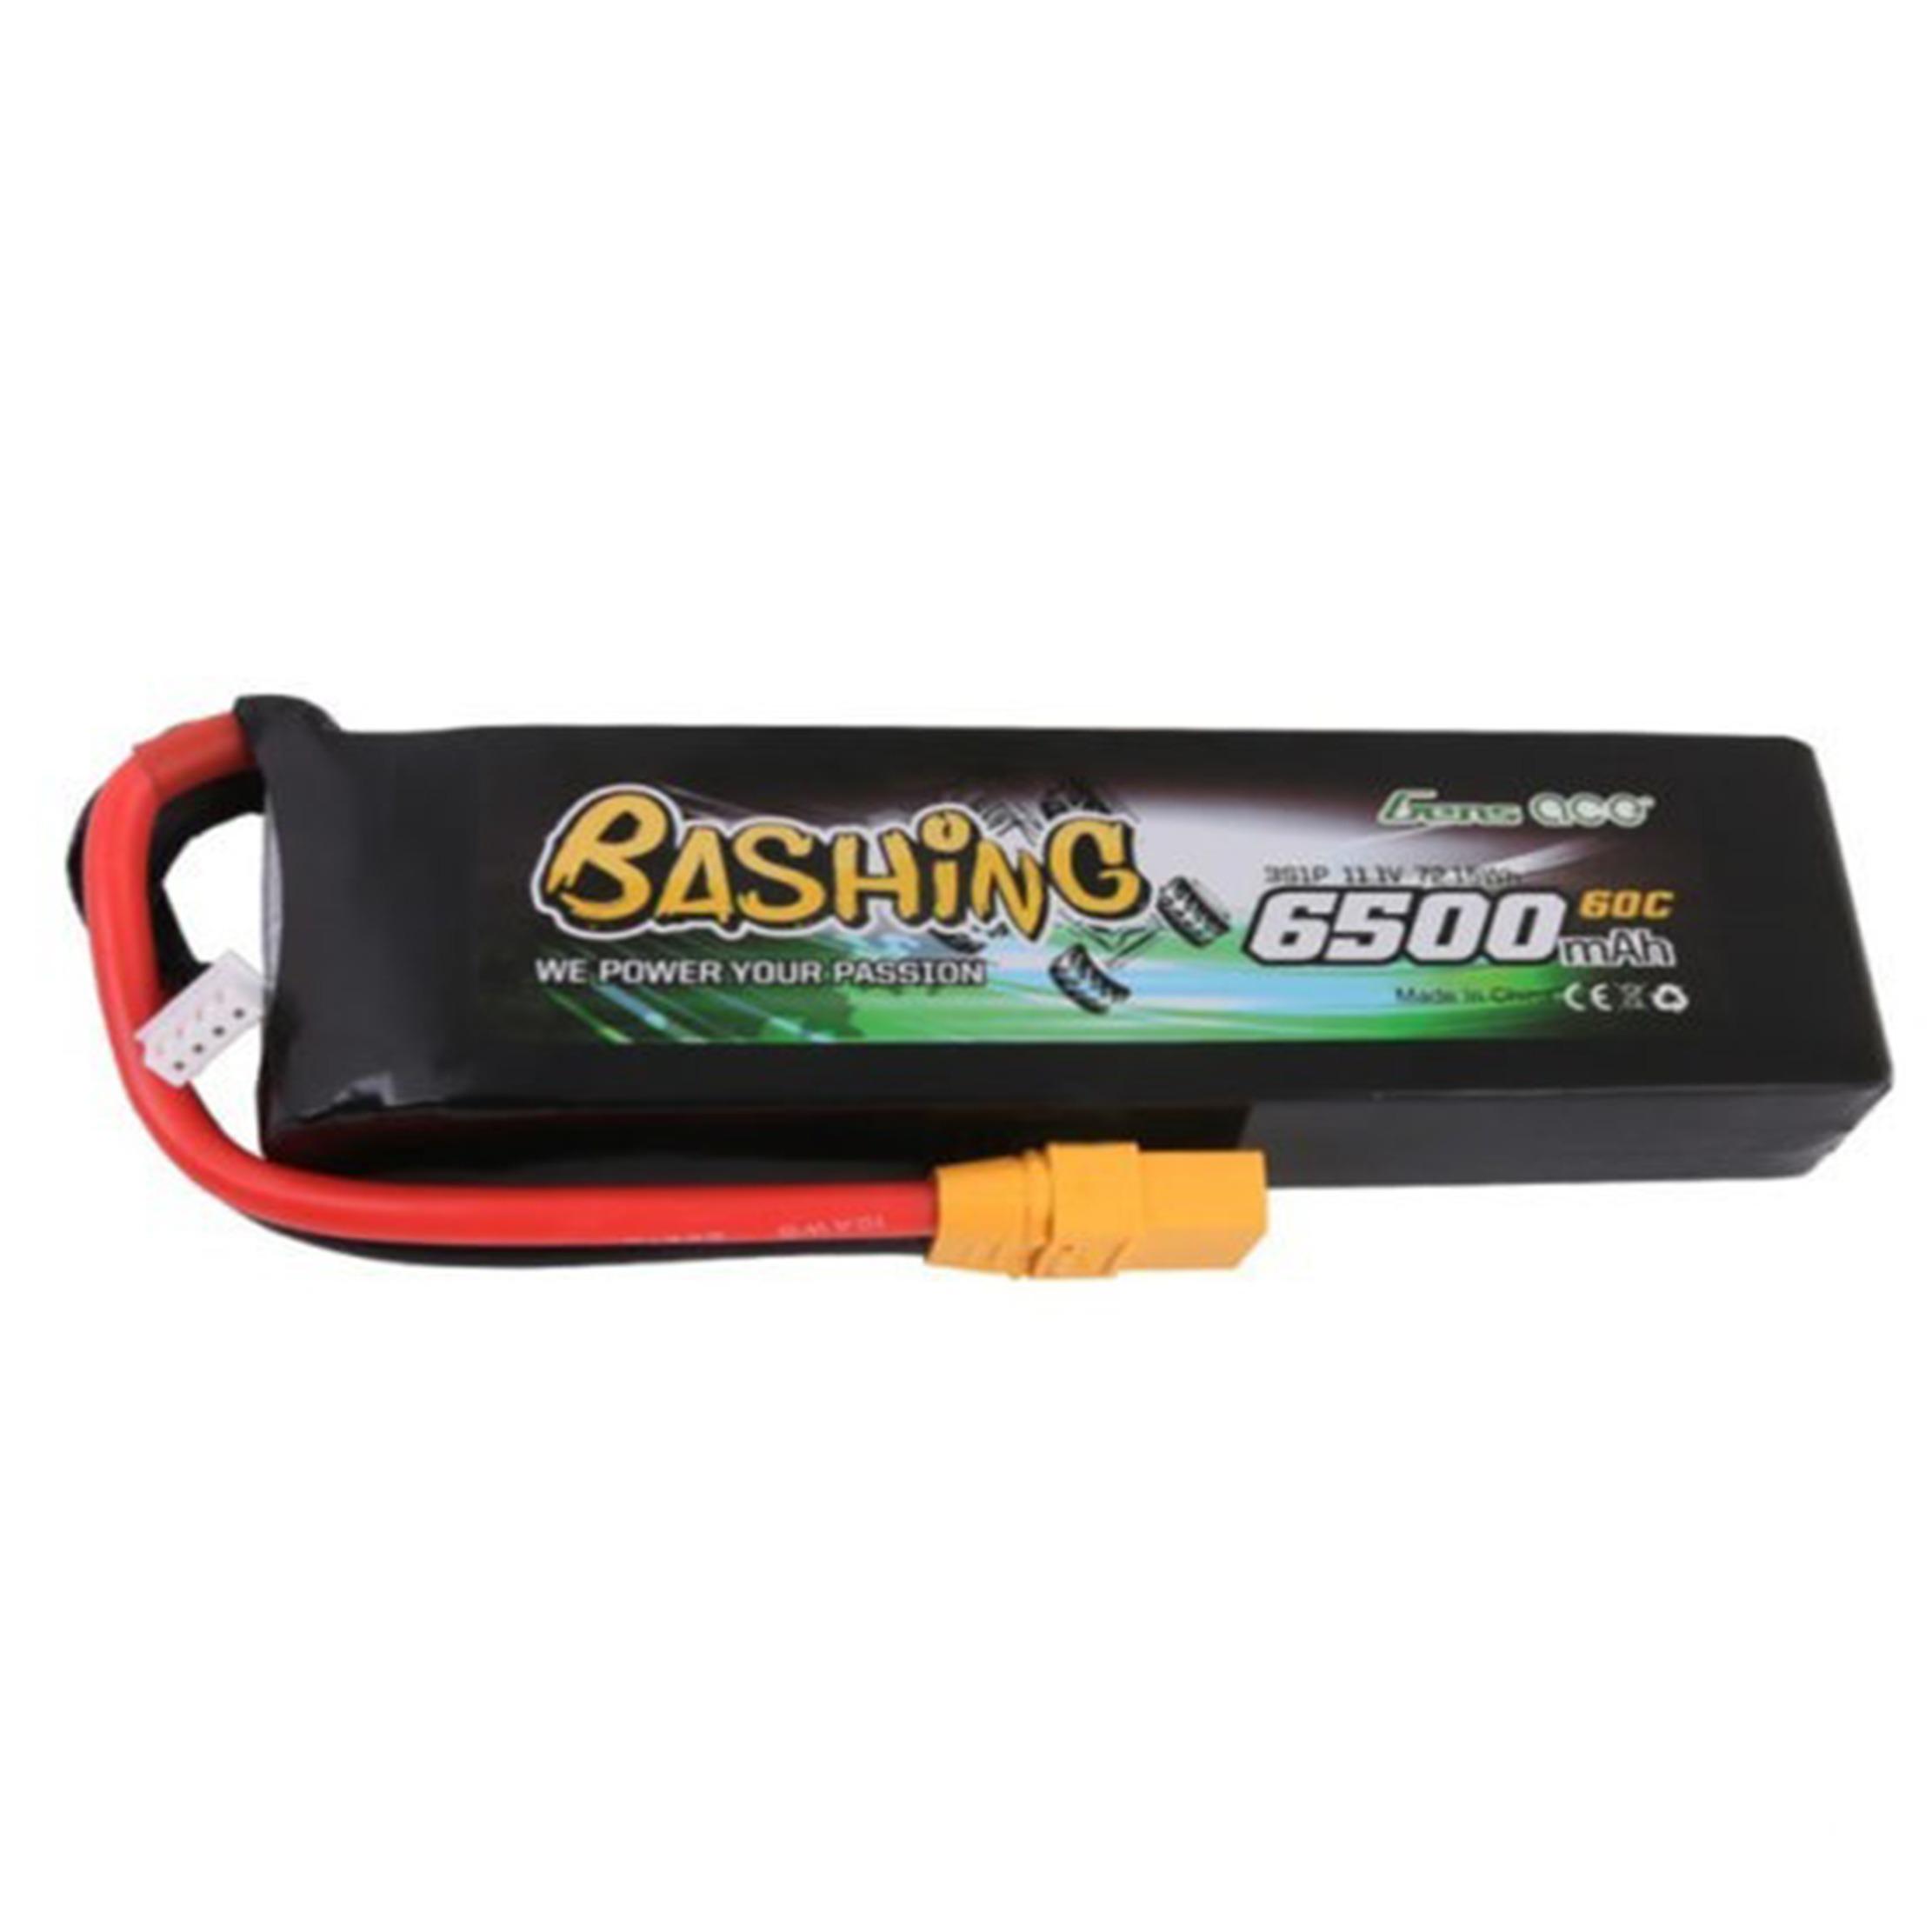 Batería Gens Lipo ace 6500mAh 11.1V 60C 3S1P XT90-Bashing Series